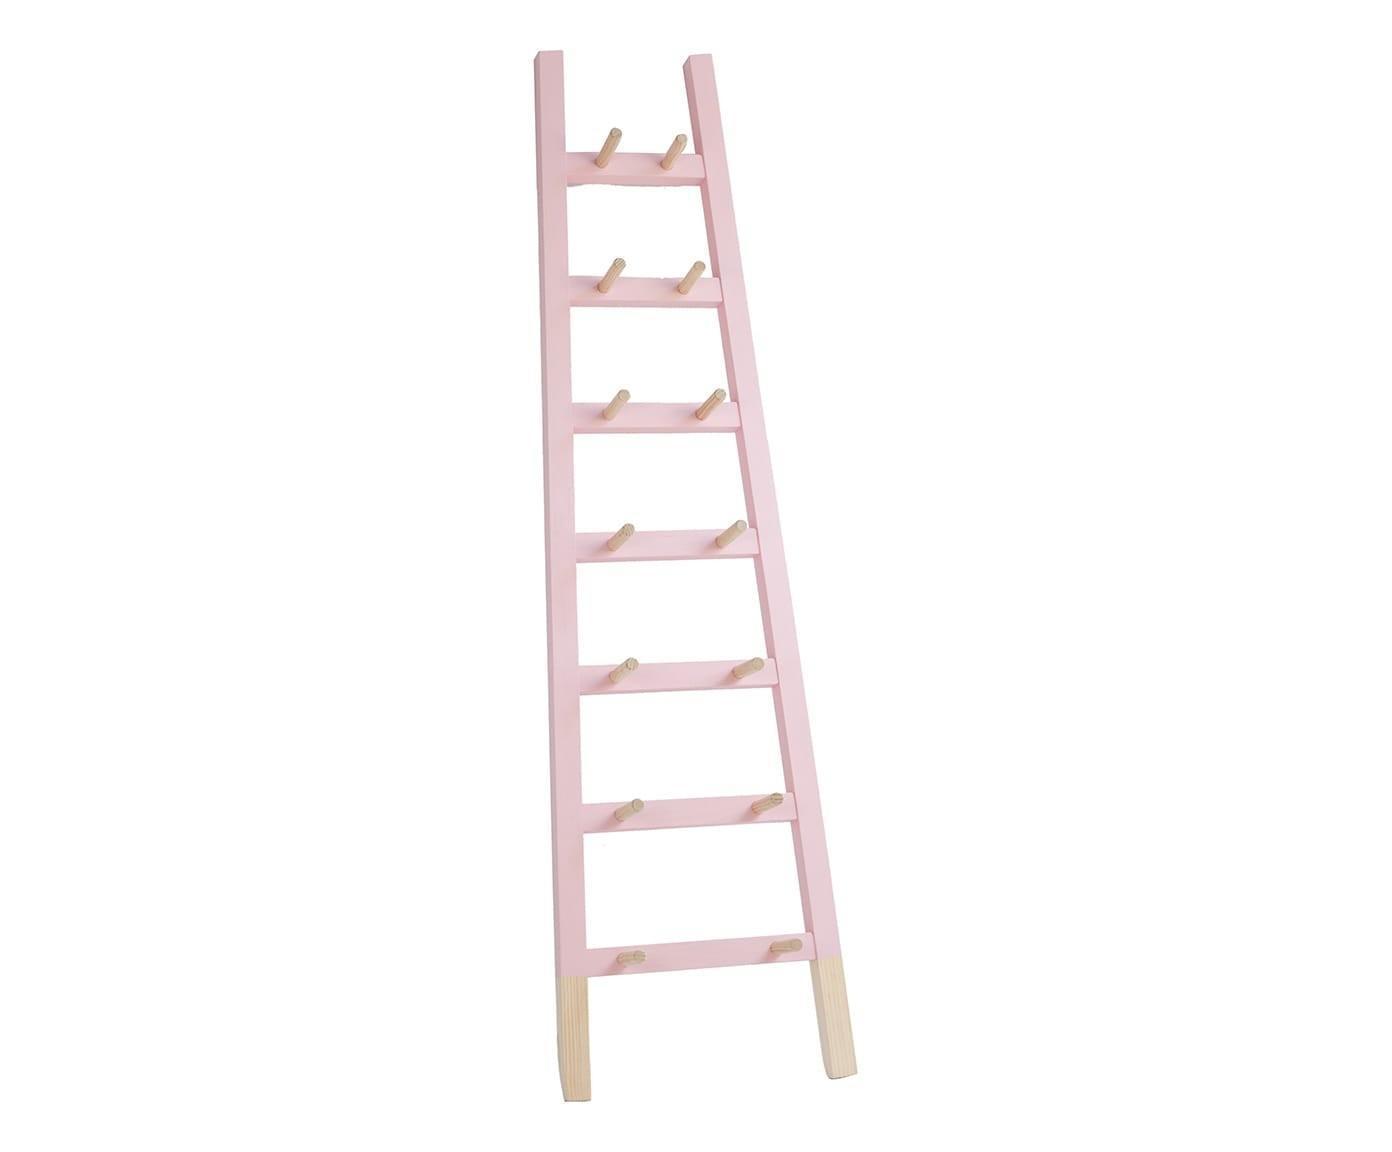 Escalera Decorativa/perchero Cool